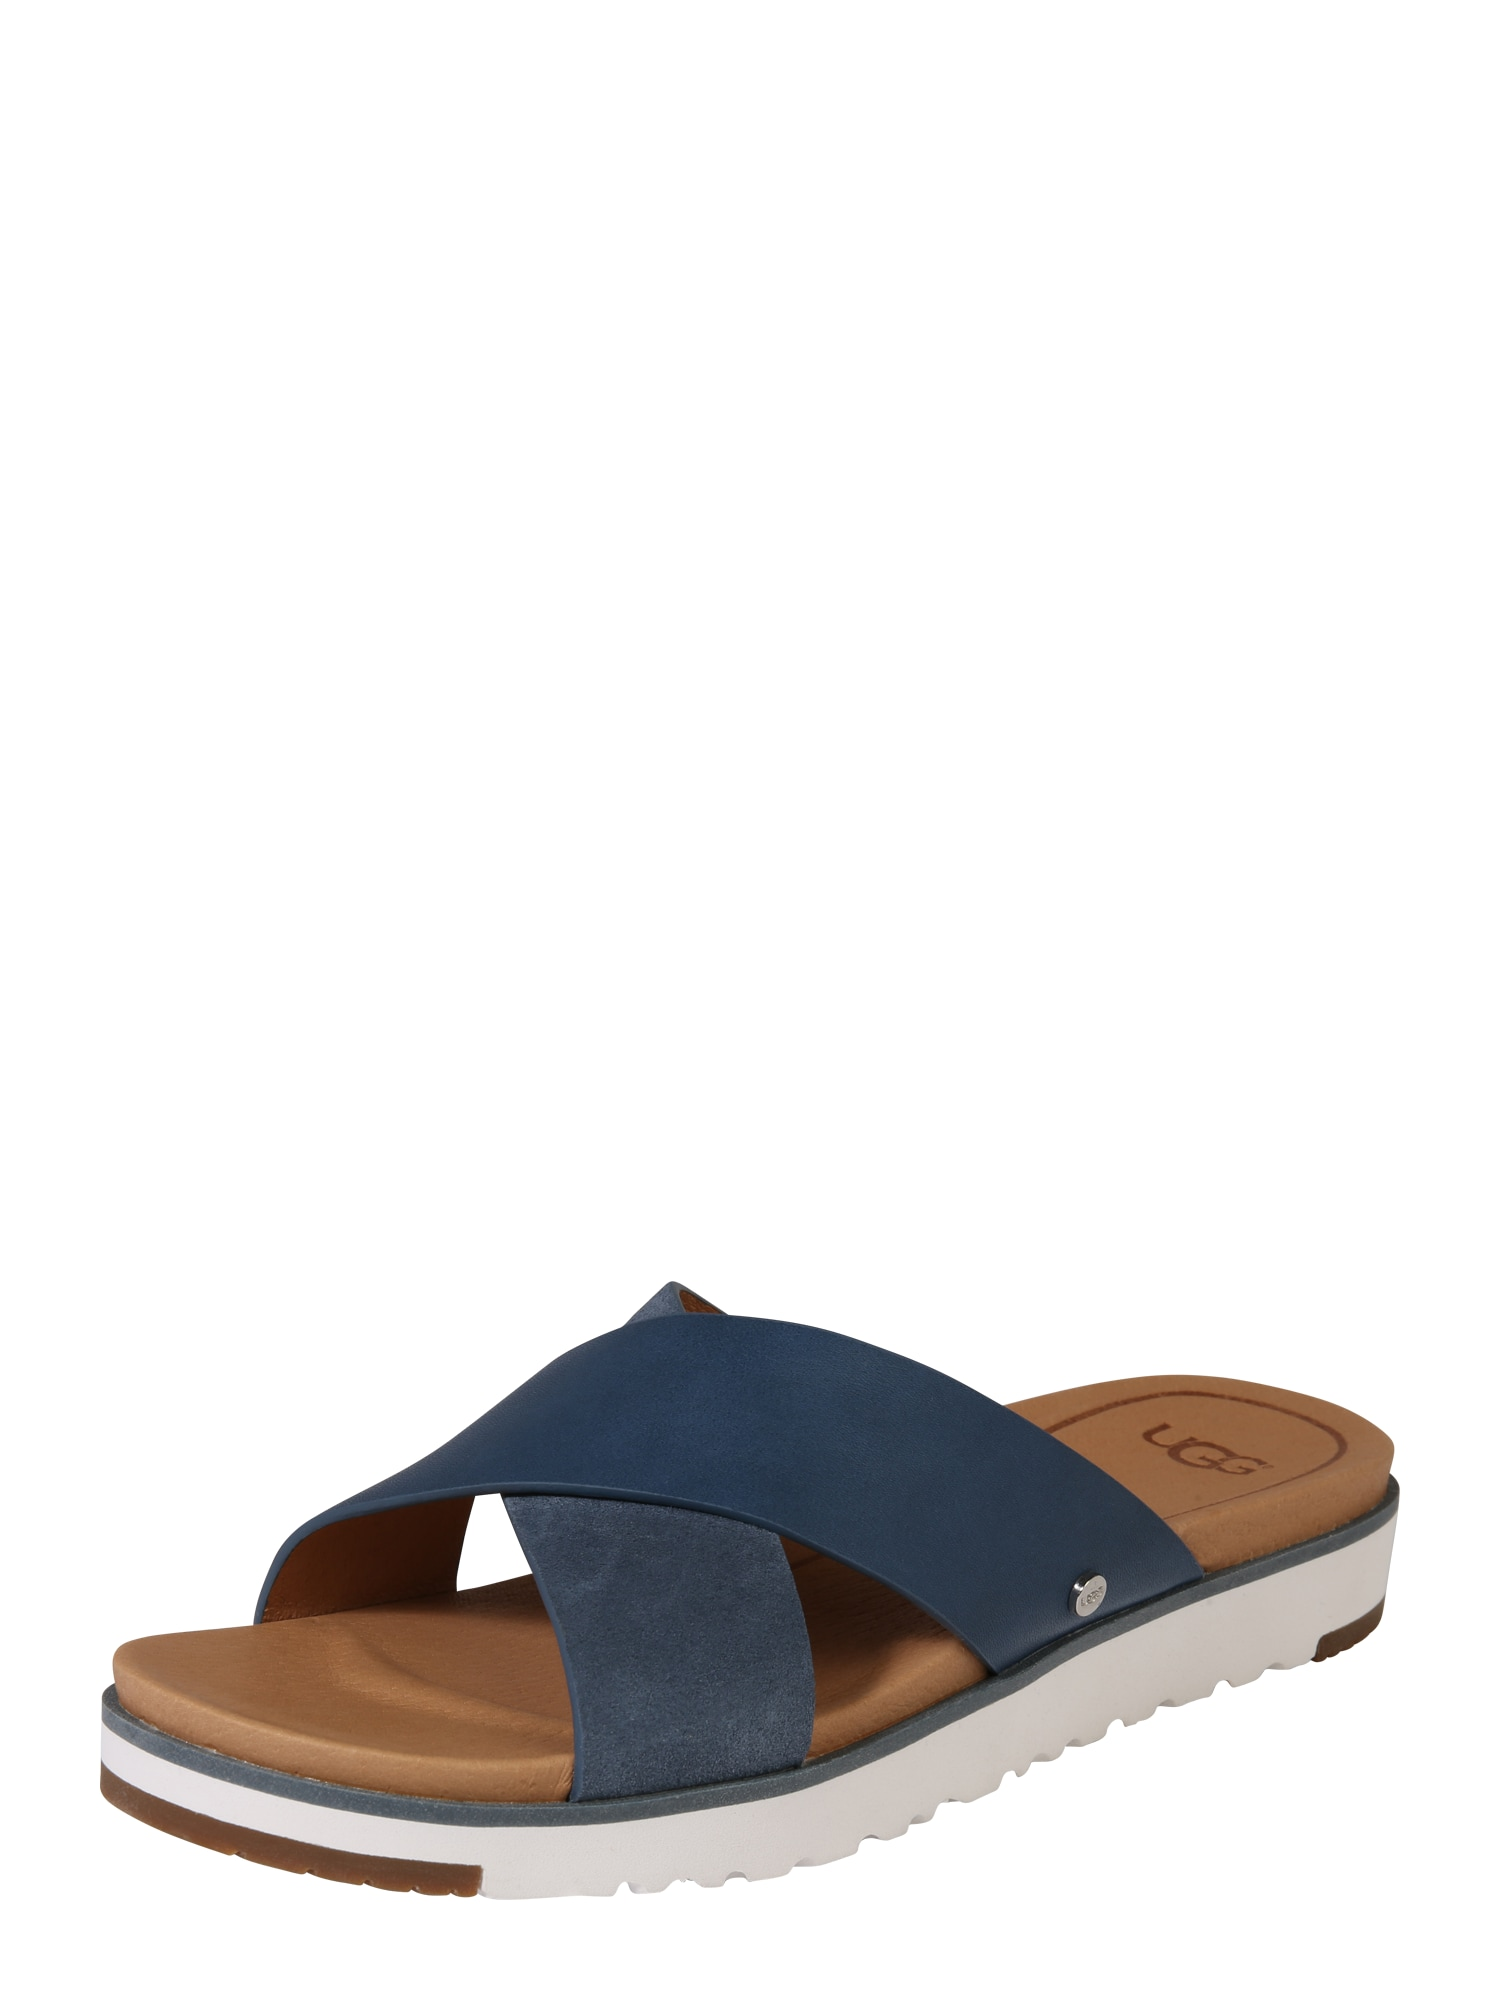 Pantofle Kari královská modrá UGG